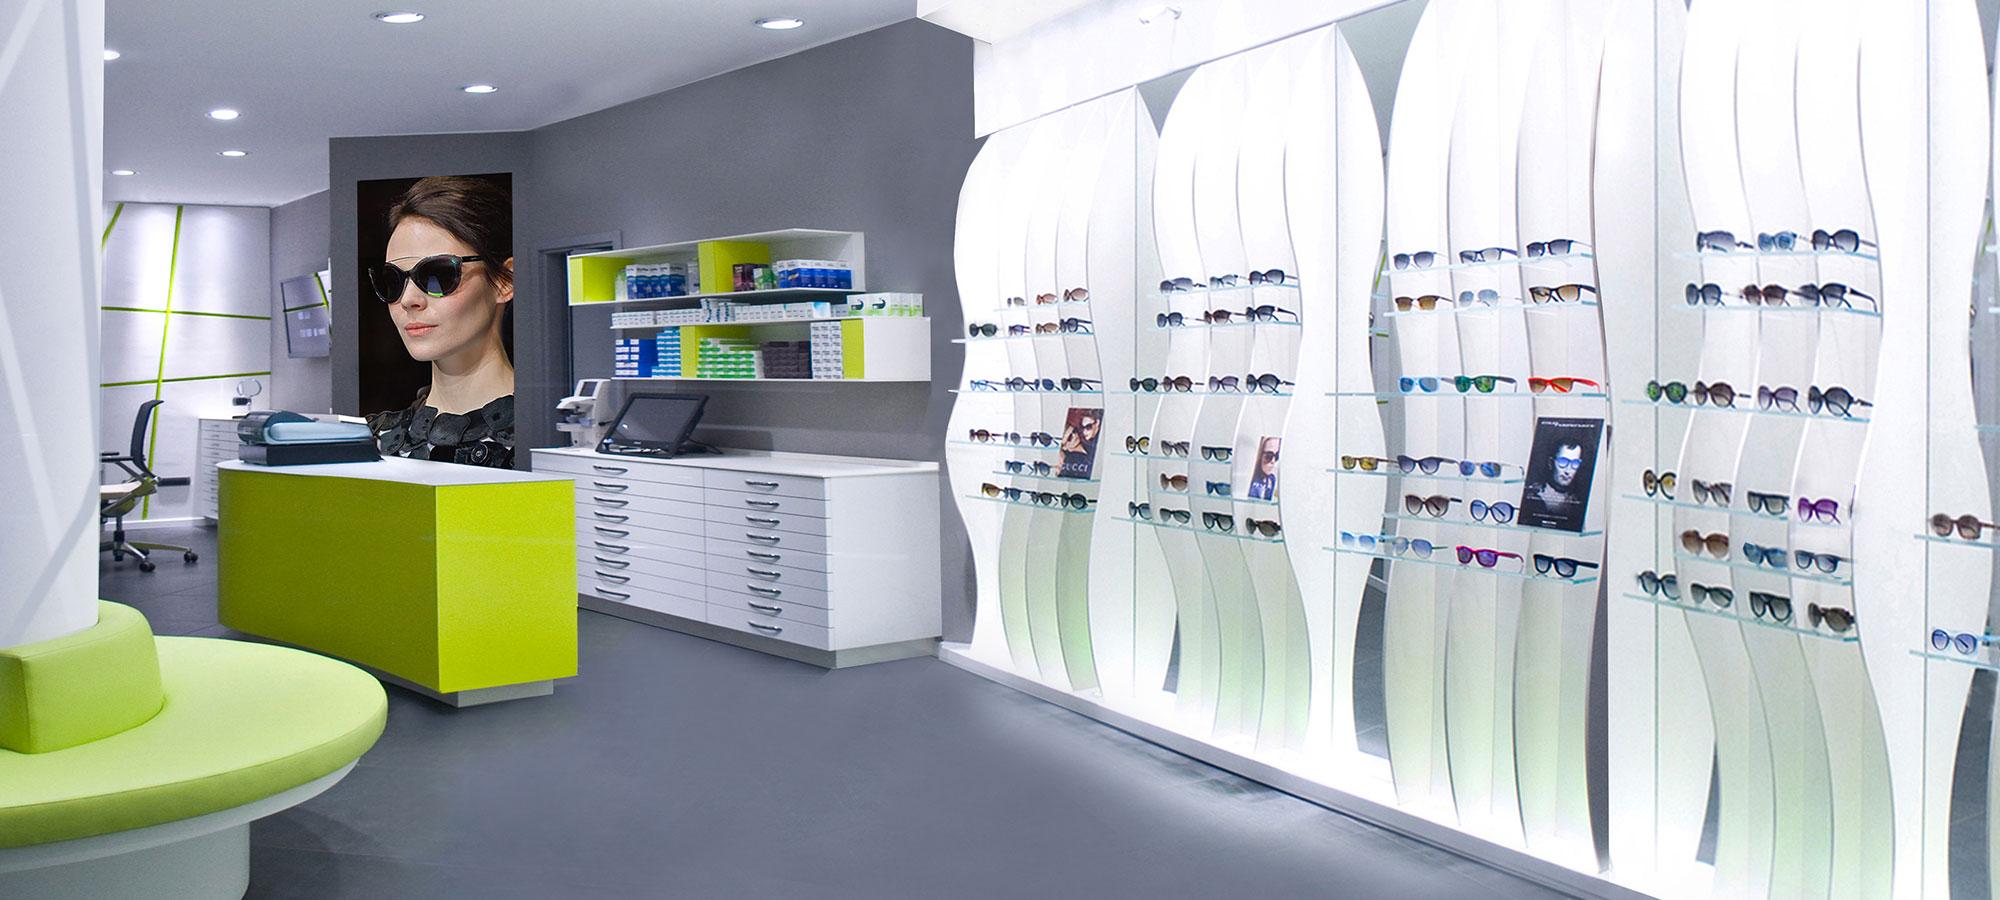 Arredamento negozi ottica edi design arredamenti per ottici for Negozi arredamento cantu